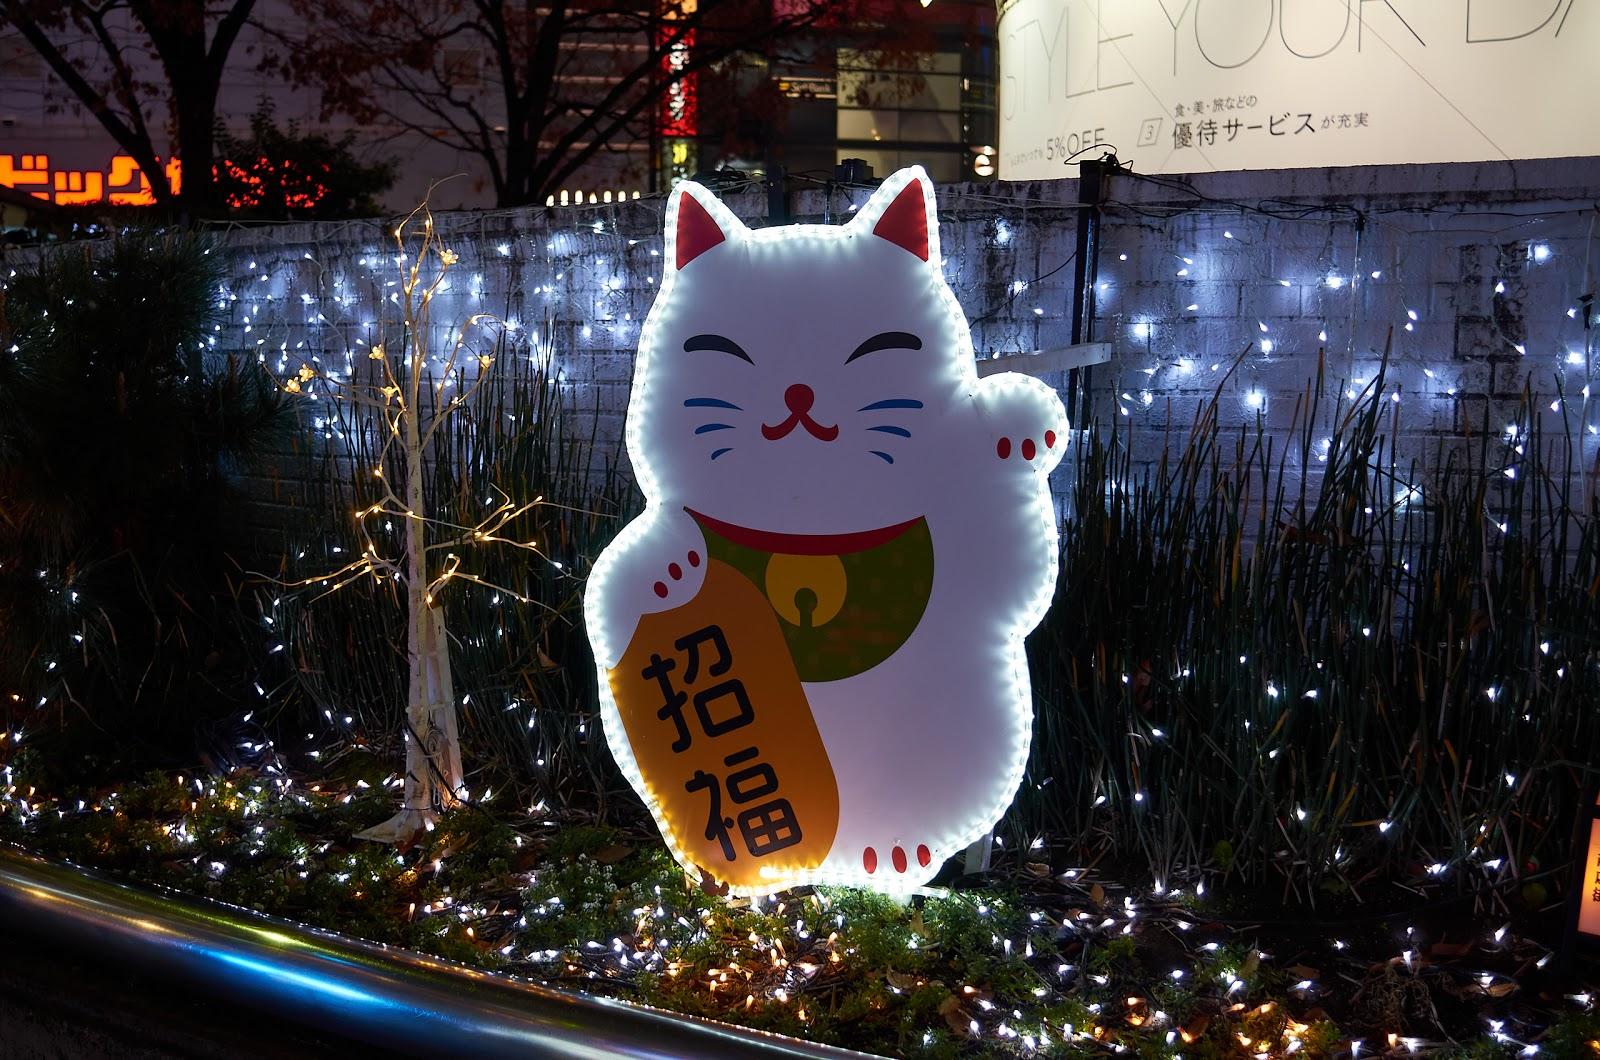 Shinjuku Mad - Merry Christmas 01